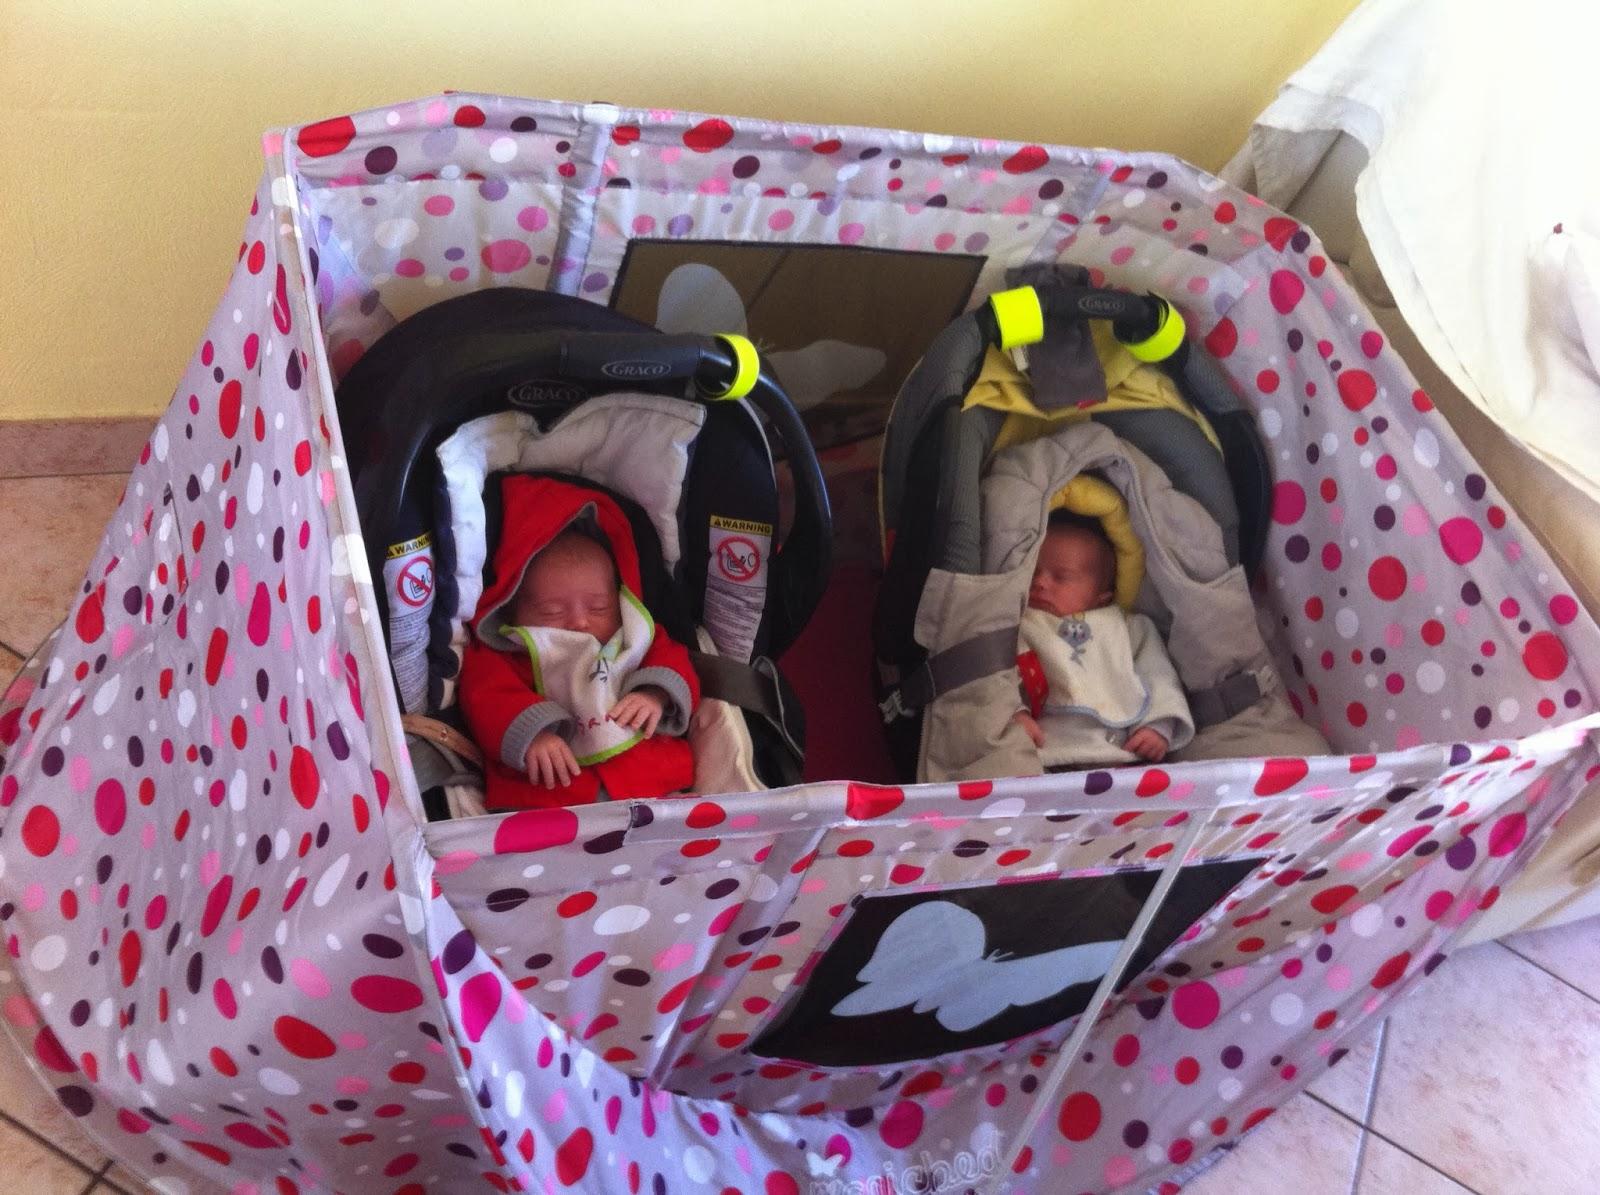 Le bonheur d 39 avoir des jumeaux et un pirate magicbed lit parapluie r volutionnaire - Lit parapluie pour jumeaux ...